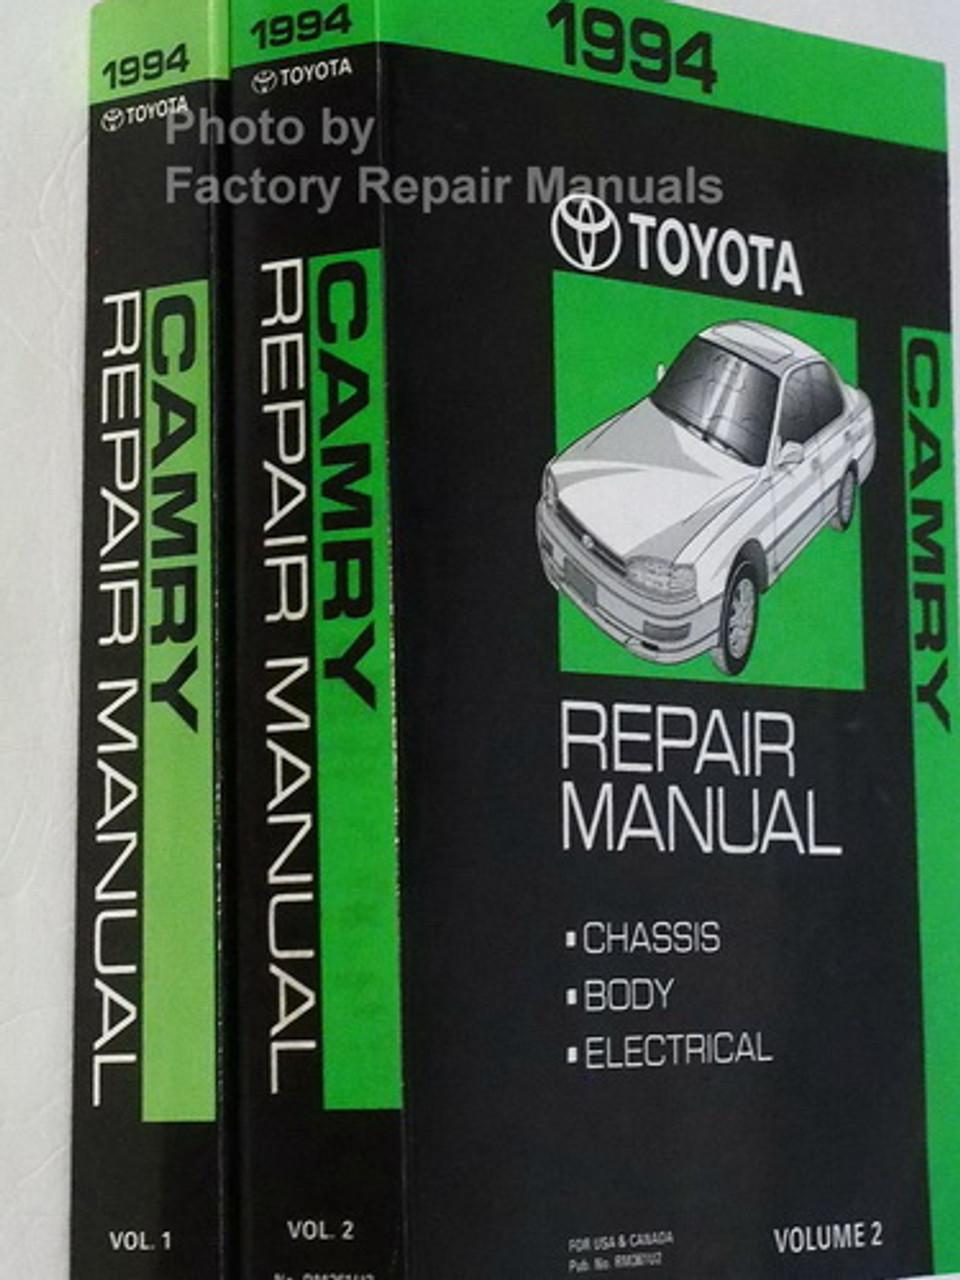 1994 Toyota Camry Factory Service Manual Set Original Shop Repair Factory Repair Manuals